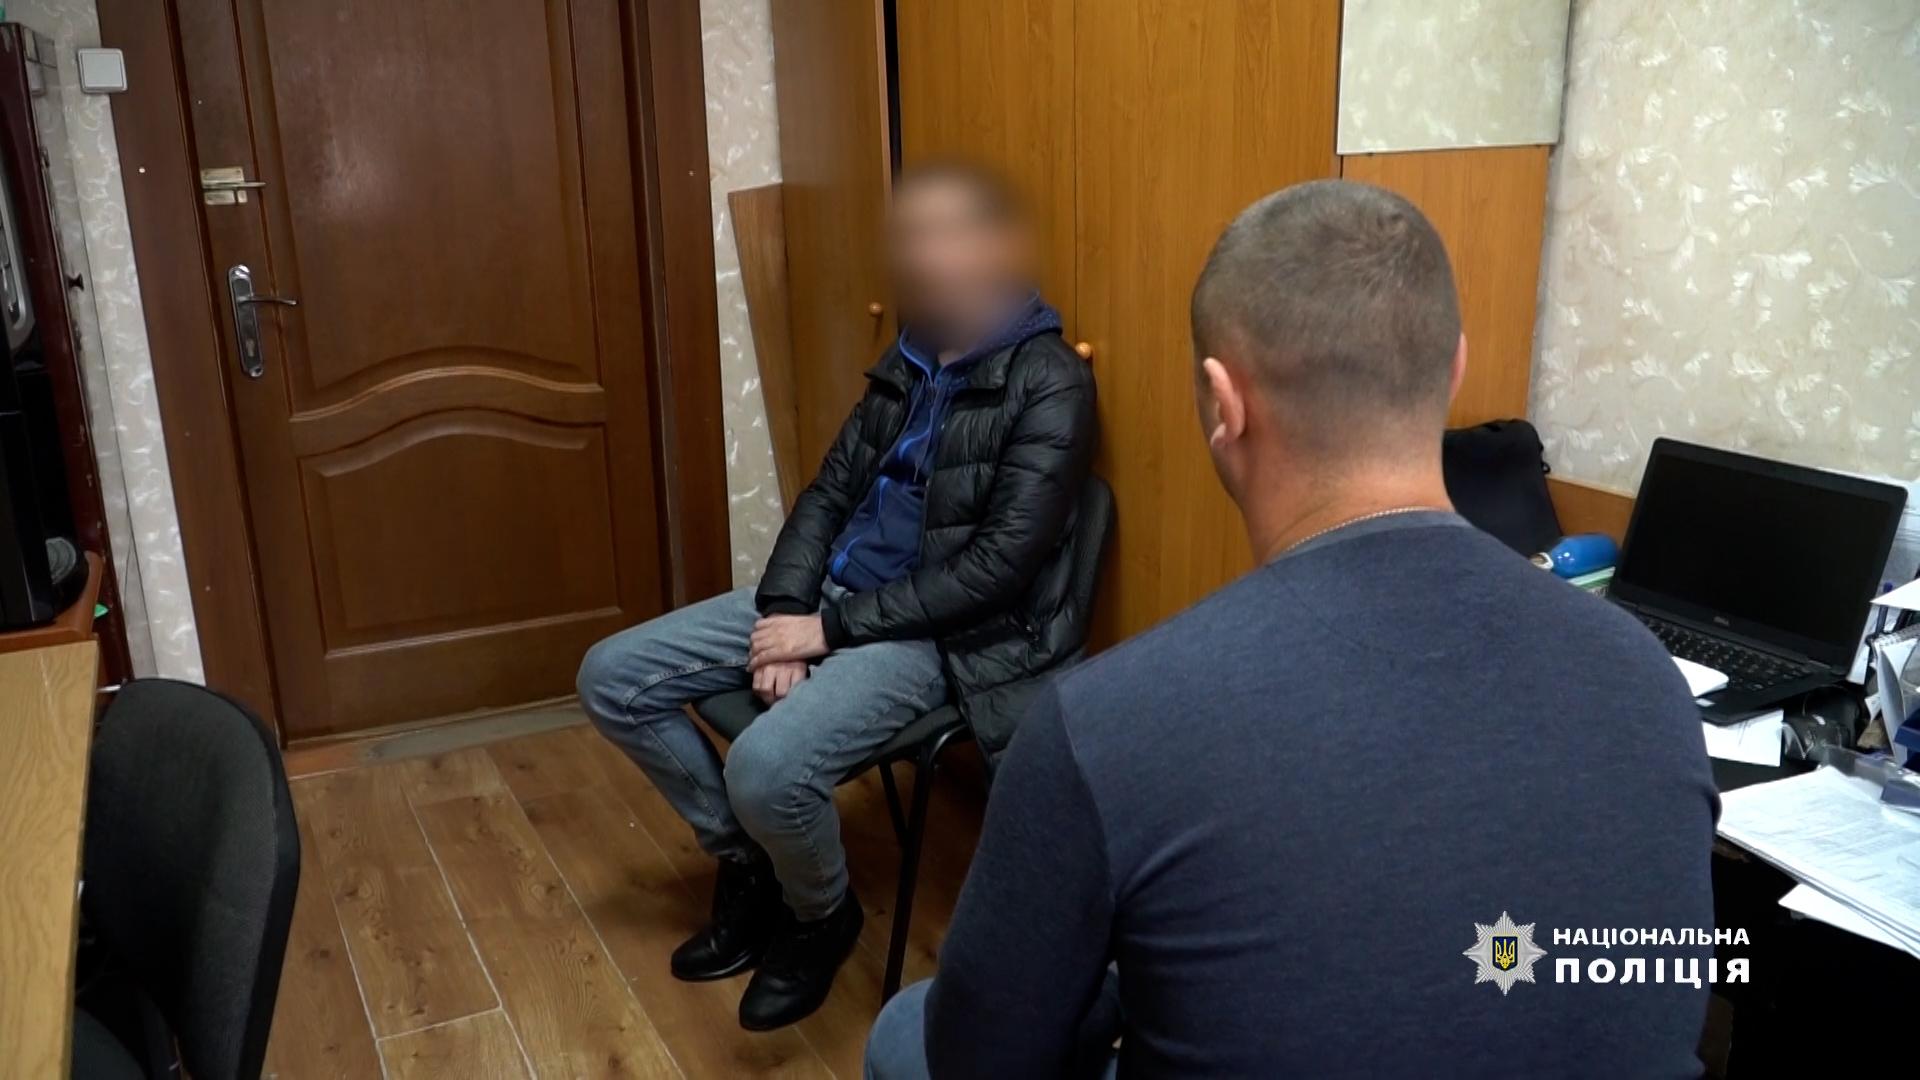 Жителя Грузії, наближеного до лідерів кримінального світу, піймали у Тернополі оперативники